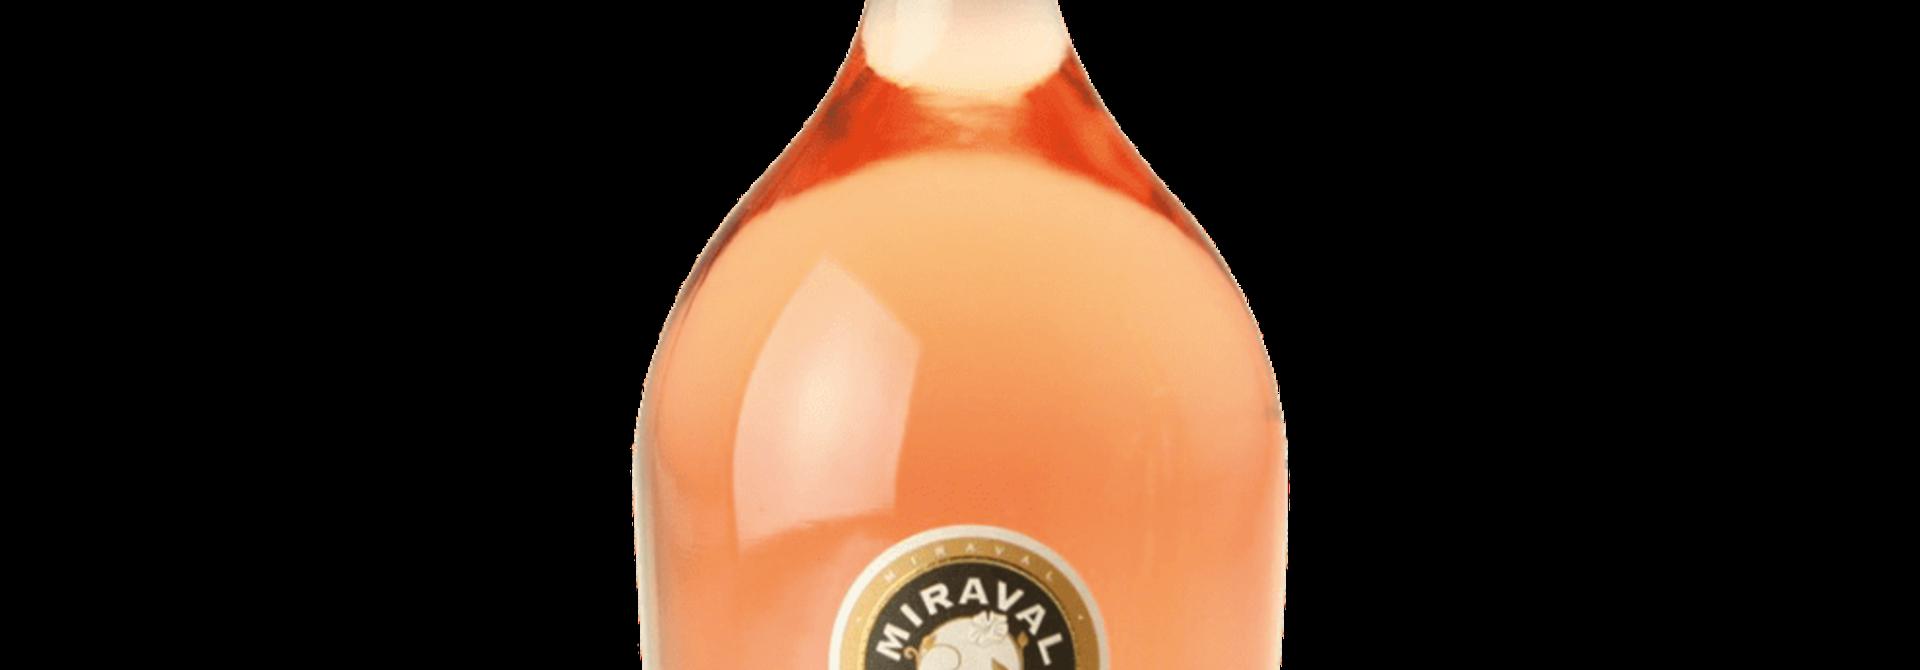 Château Miraval Provence Rosé 2019